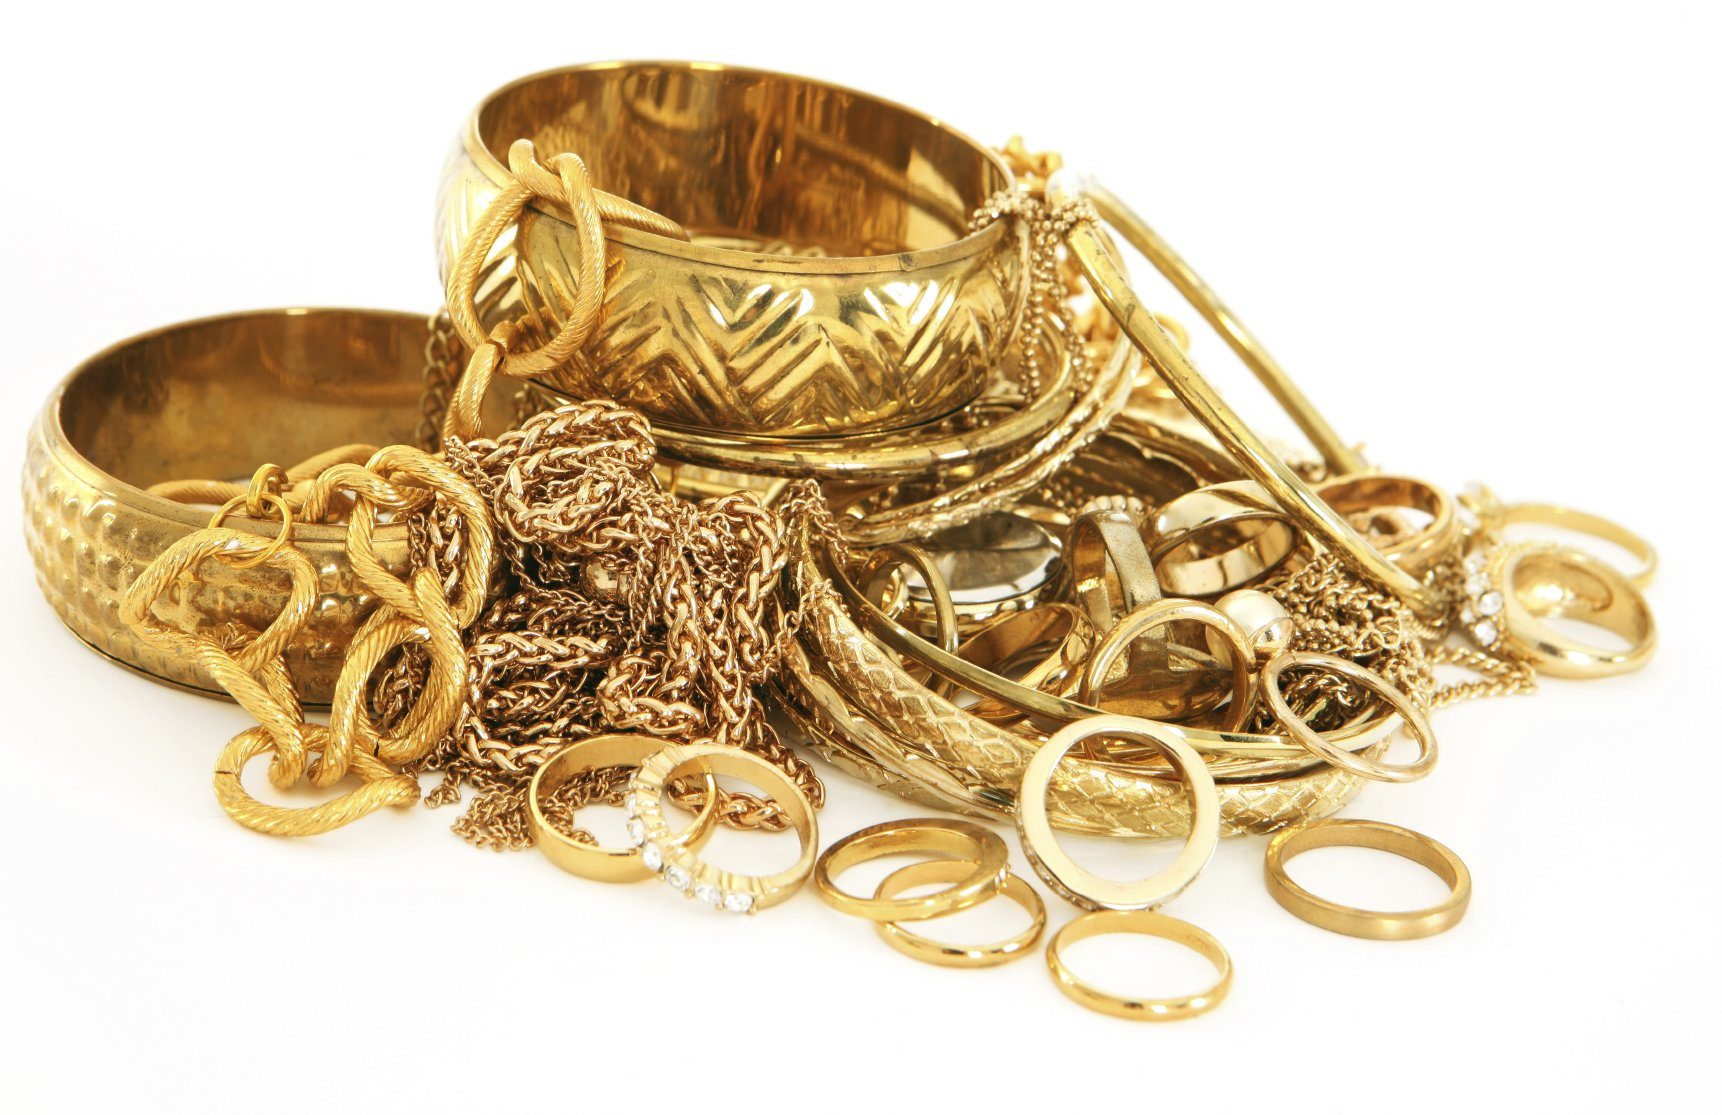 Скупка золота в СПб - сдать золото по выгодной цене за грамм на сегодня 06cedae1da9